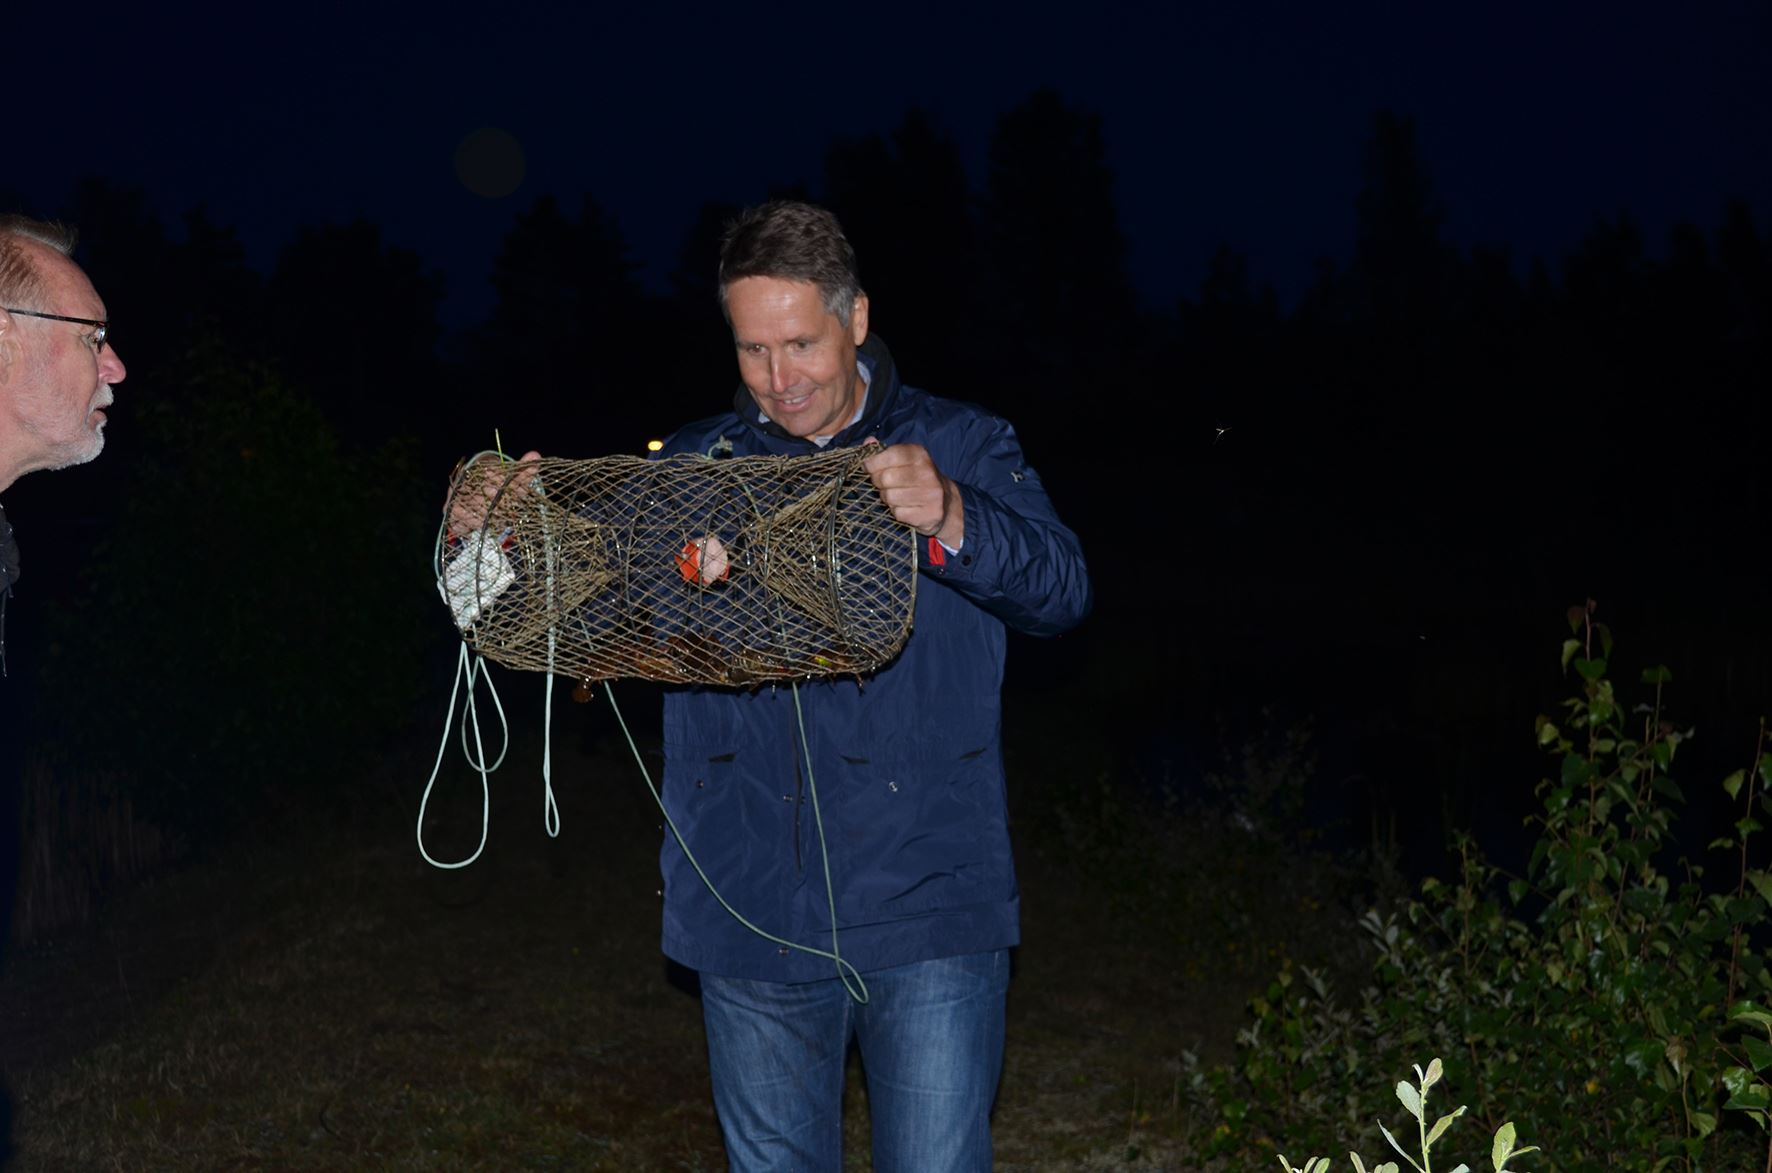 Sjöhorvan's crayfish